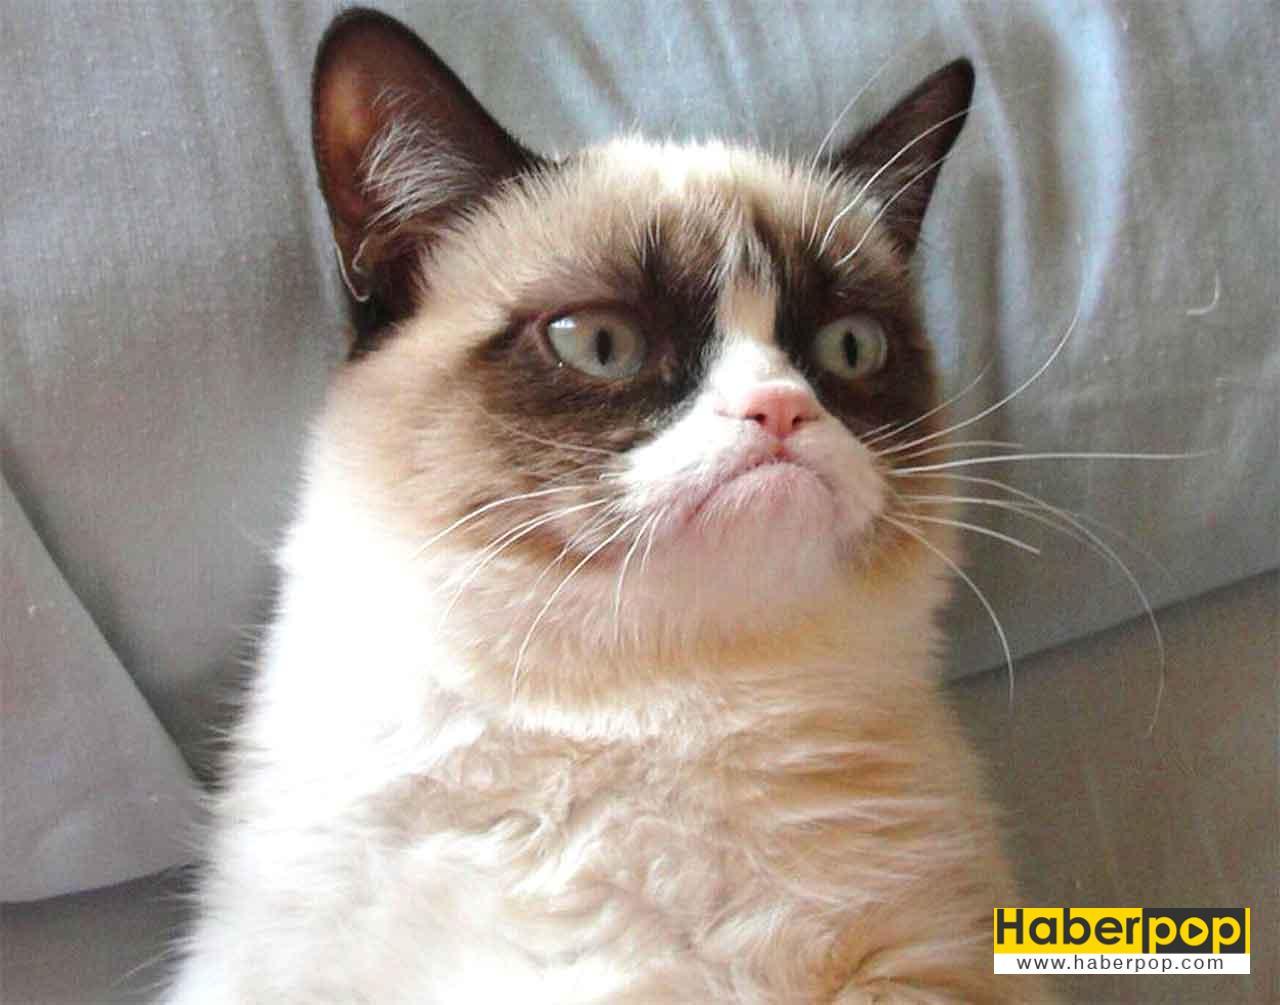 Asık suratlı kızgın kedi Tardar Sauce - Grumpy Cat